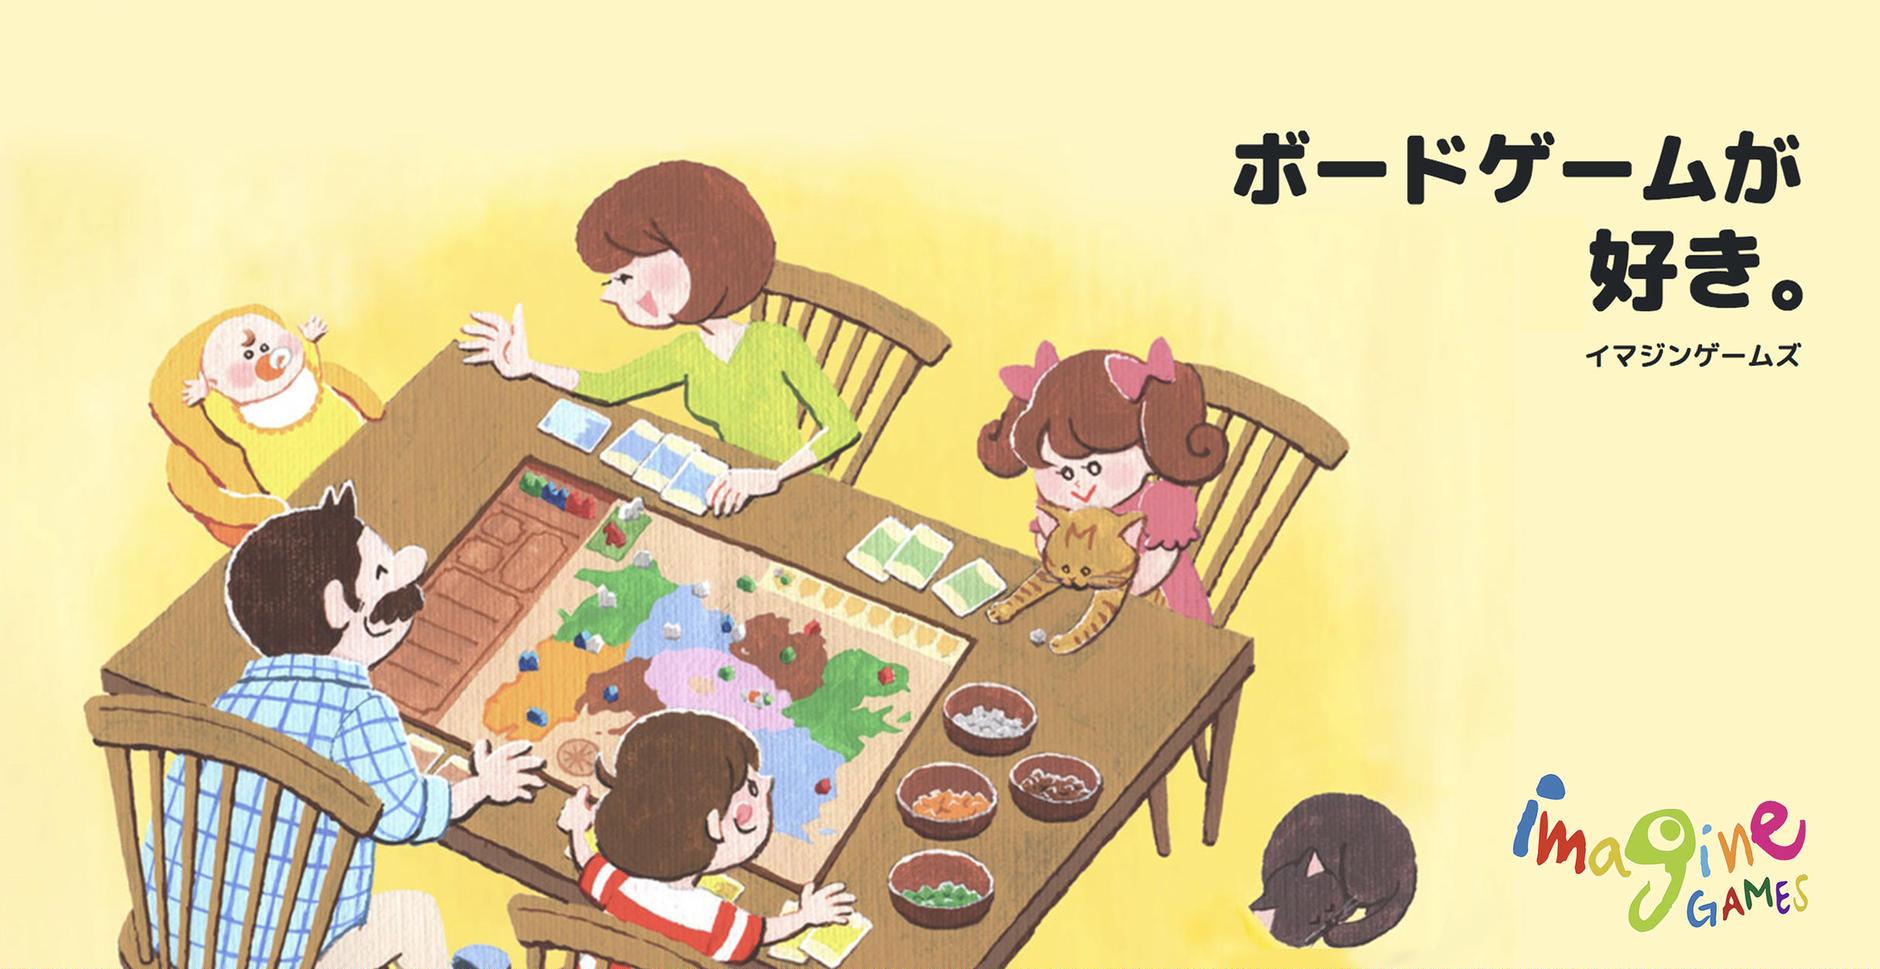 イマジンゲームズ